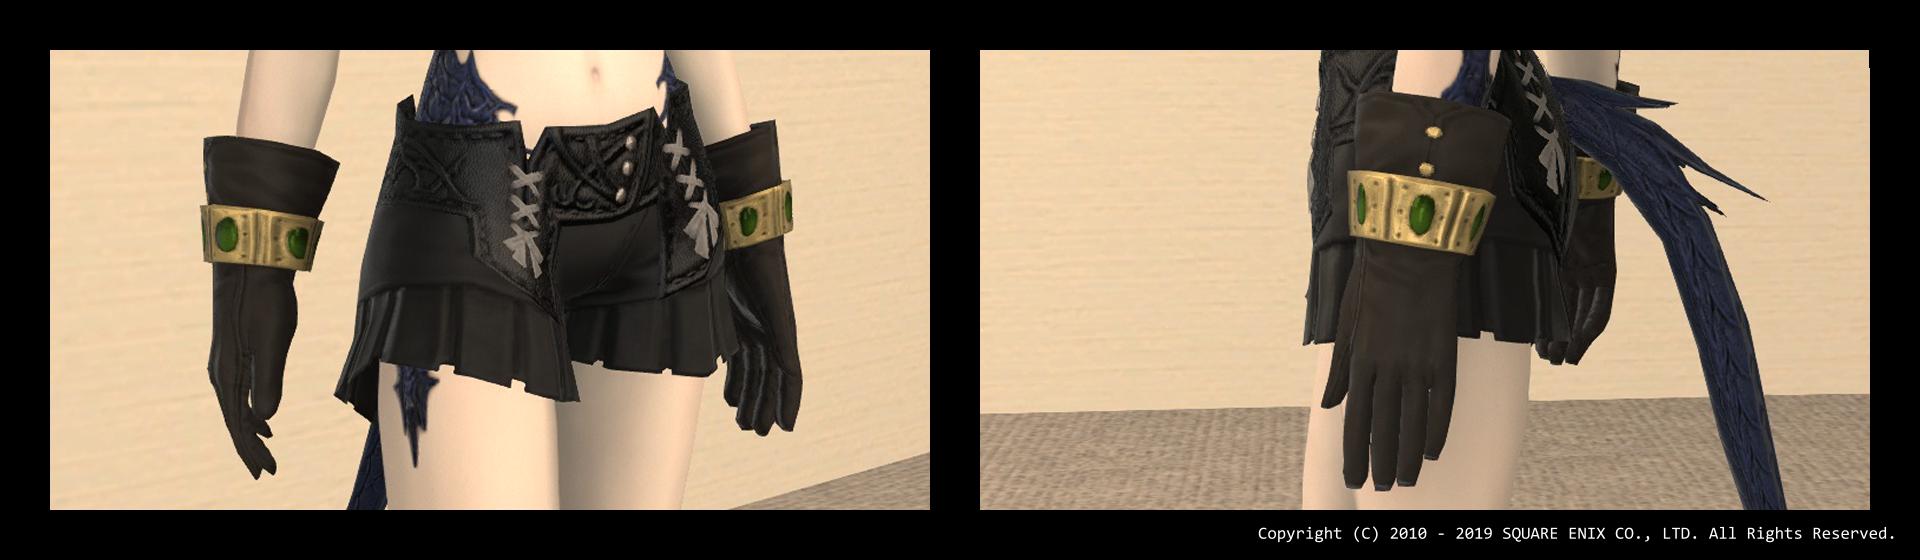 415c-nin-hands